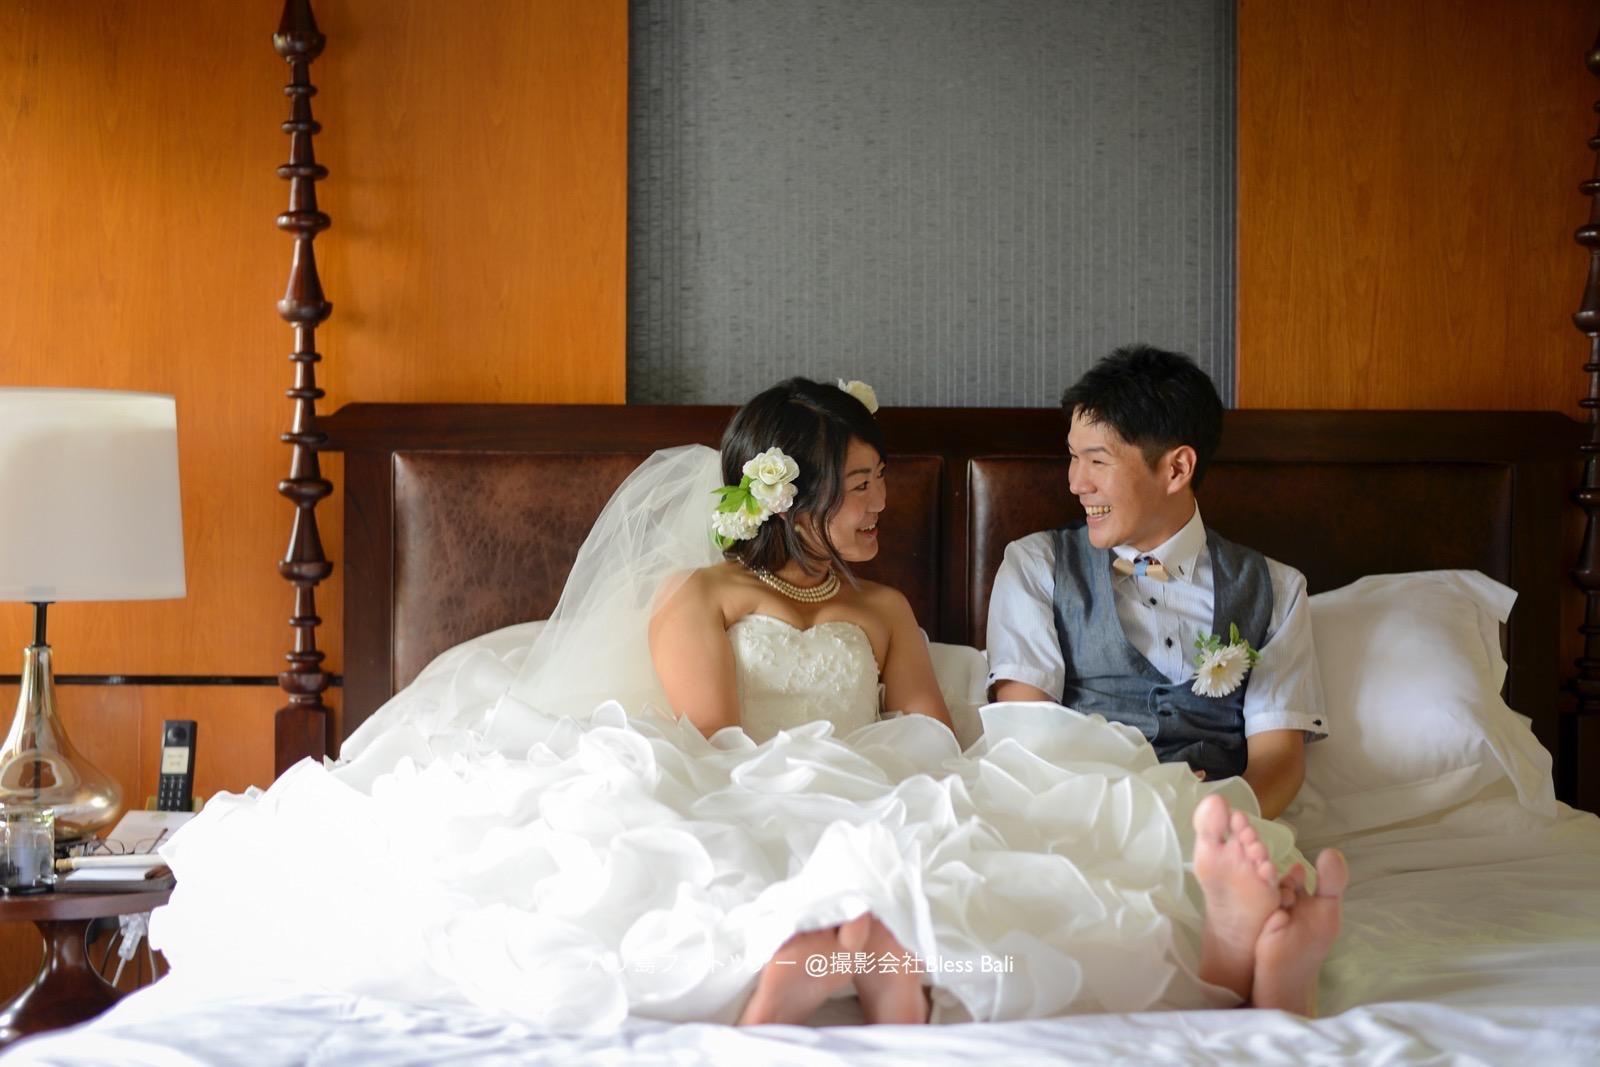 ベッドでリラックスした表情のお二人。ドレスとセットアップはお持ち込みです